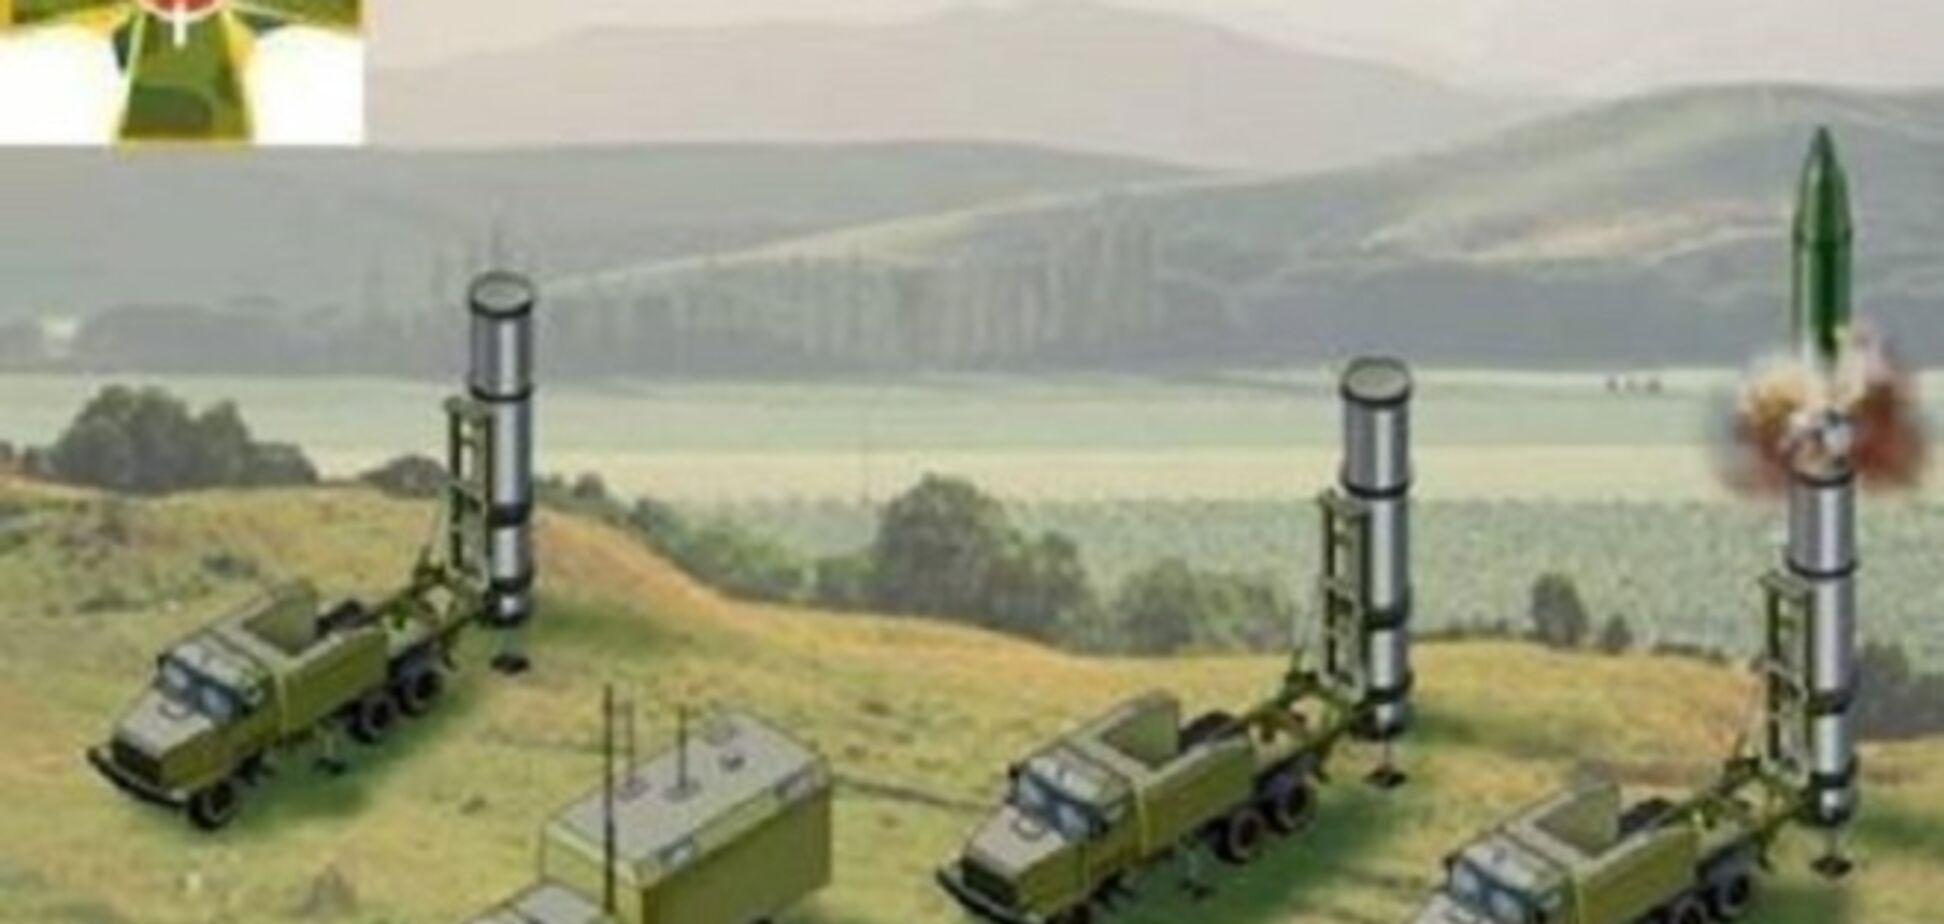 Украинская армия может получить на вооружение новый ракетный комплекс 'Сапсан'